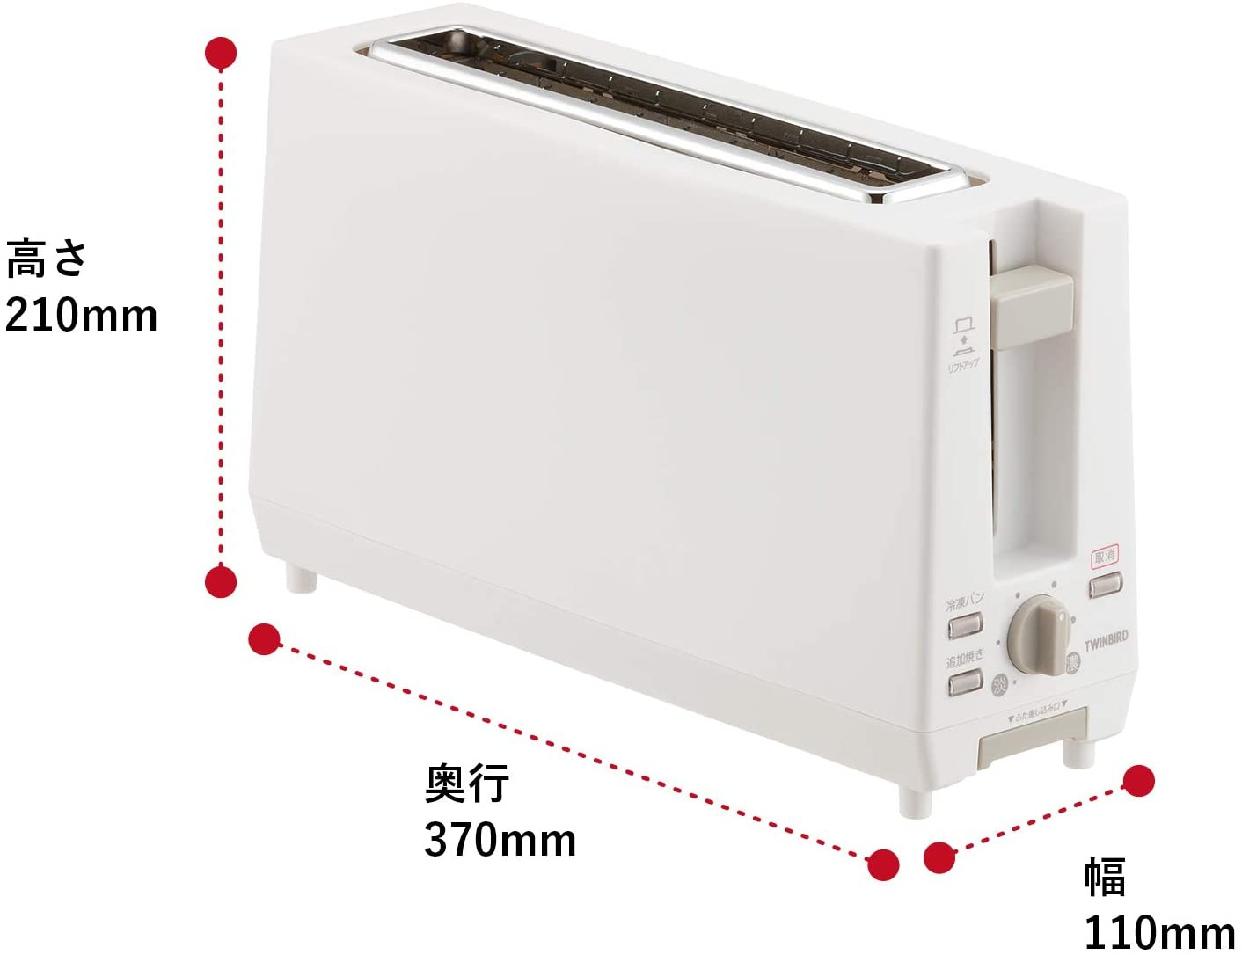 TWINBIRD(ツインバード) ポップアップトースター ホワイト TS-D404Wの商品画像8